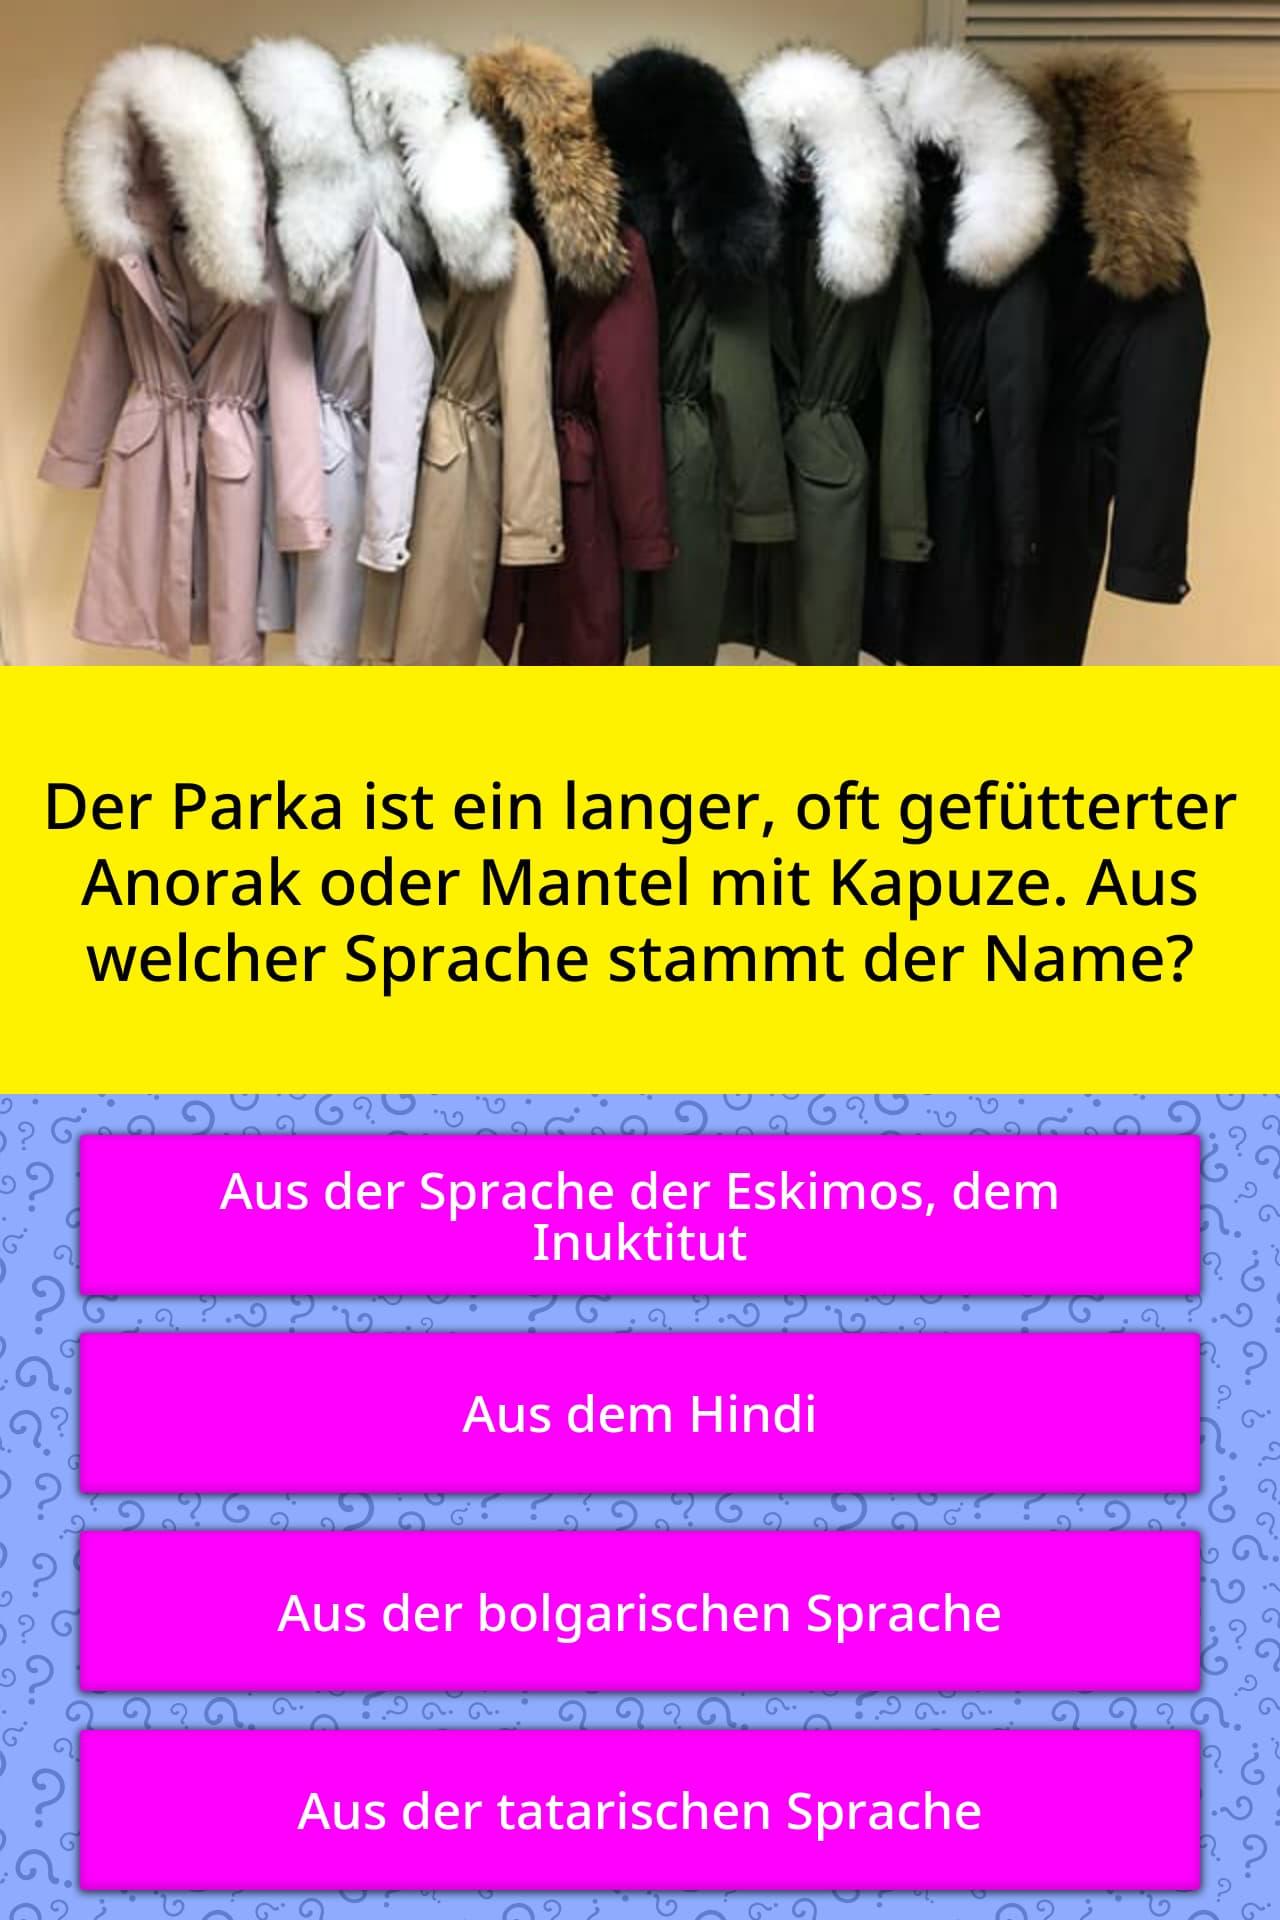 Der Parka ist ein langer, oft | Quiz-Antworten | QuizzClub